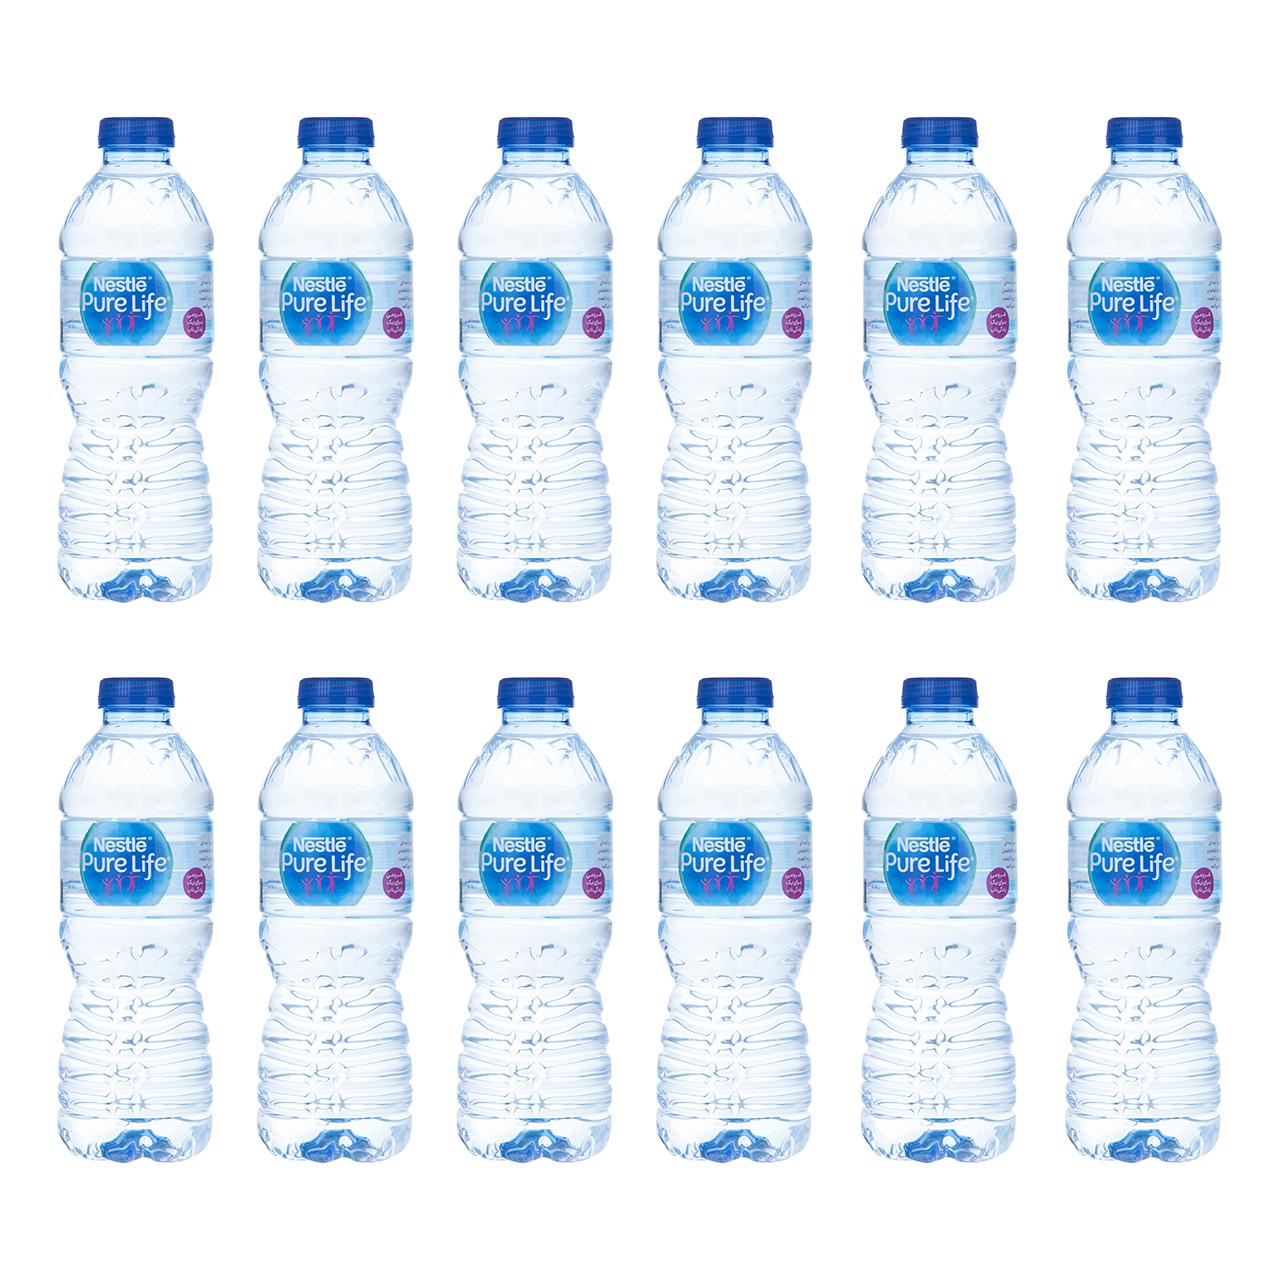 آب آشامیدنی نستله مقدار 0.5 لیتر بسته 12 عددی